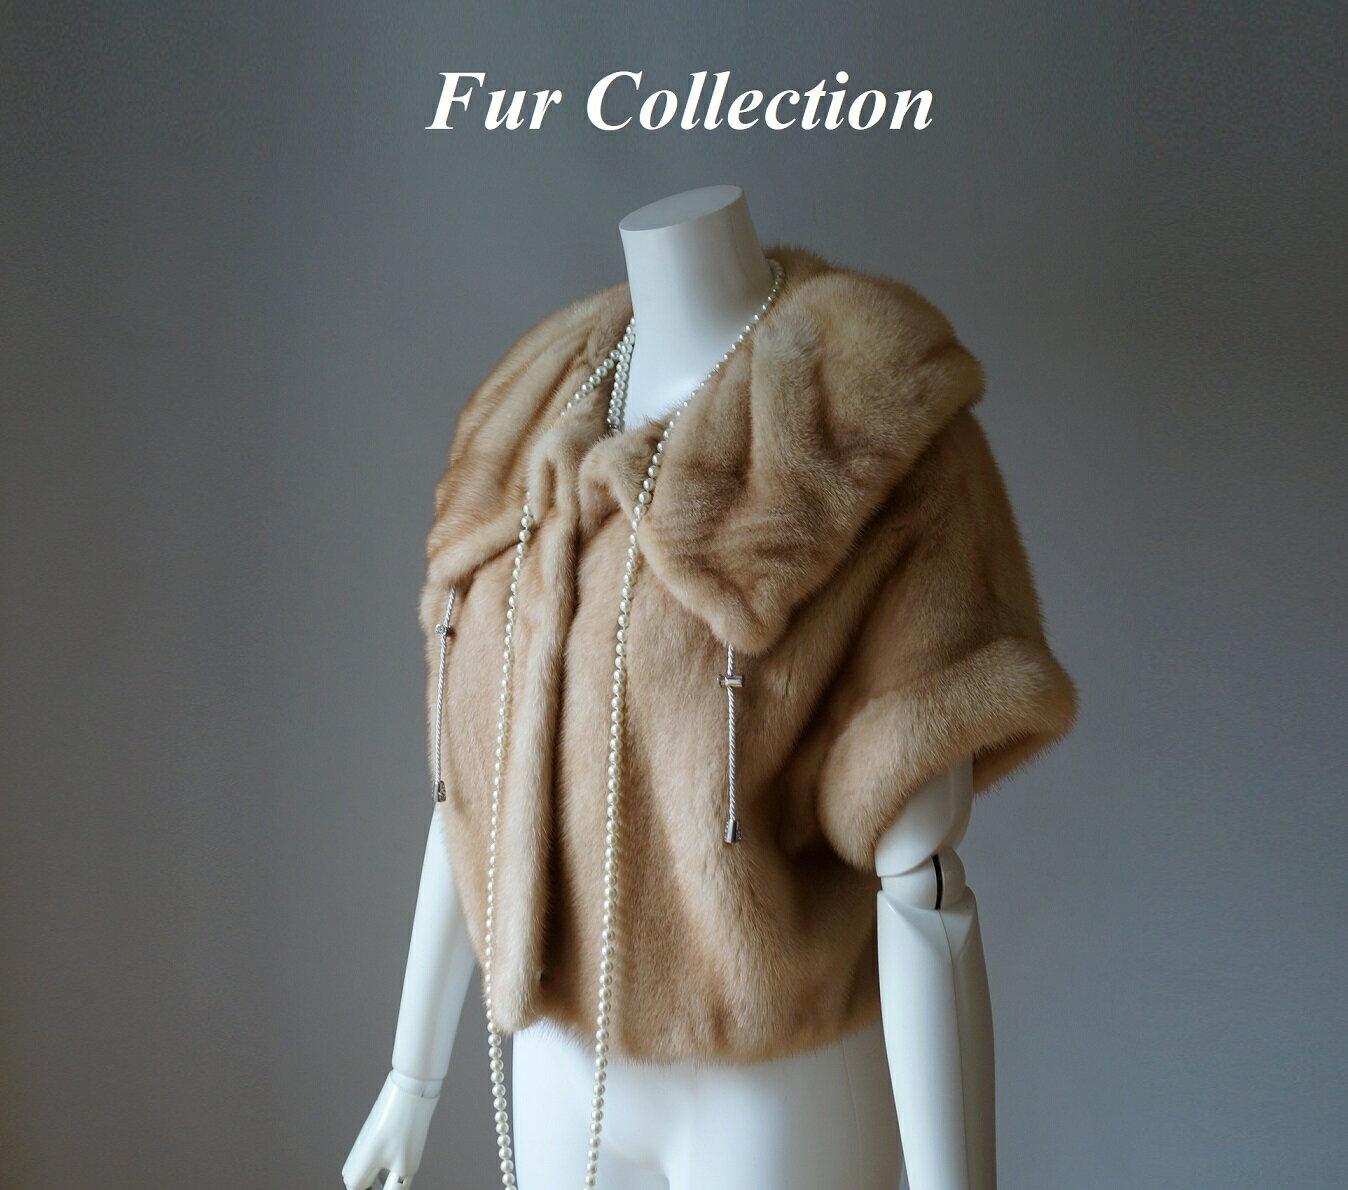 新品処分毛皮コート レディース フレンチテイスト☆ミンクのケープジャケットベージュ☆ミンクコートリアルファーコート・セーブル・フォックスストールシャネルグッチ・ ダウンコート・チンチラコートお好きな方に